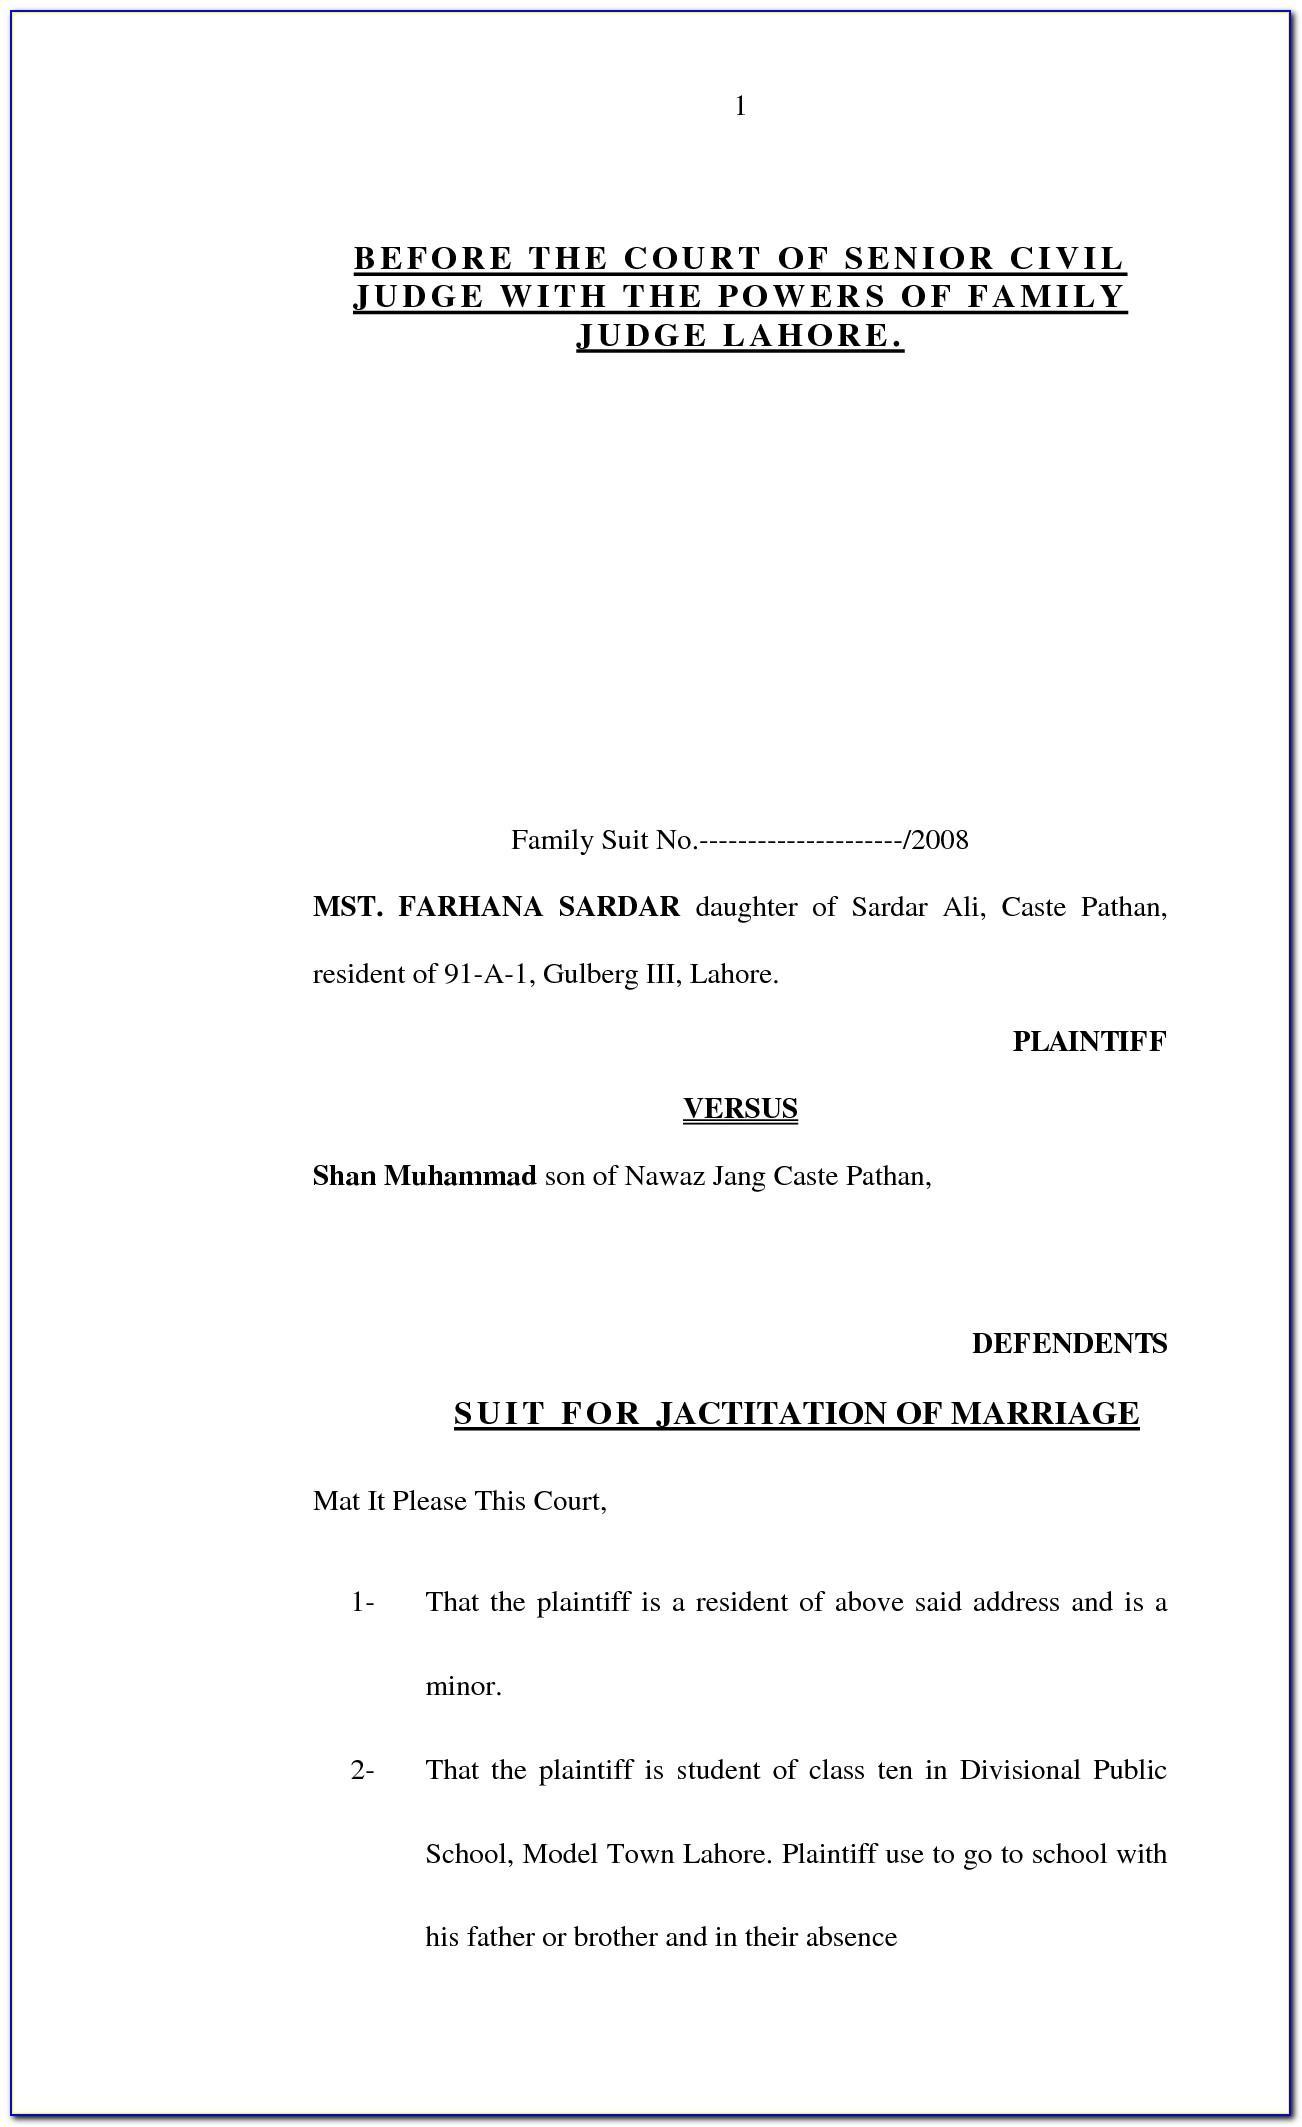 Sample Affidavit Of Bona Fide Marriage Letter For Immigration